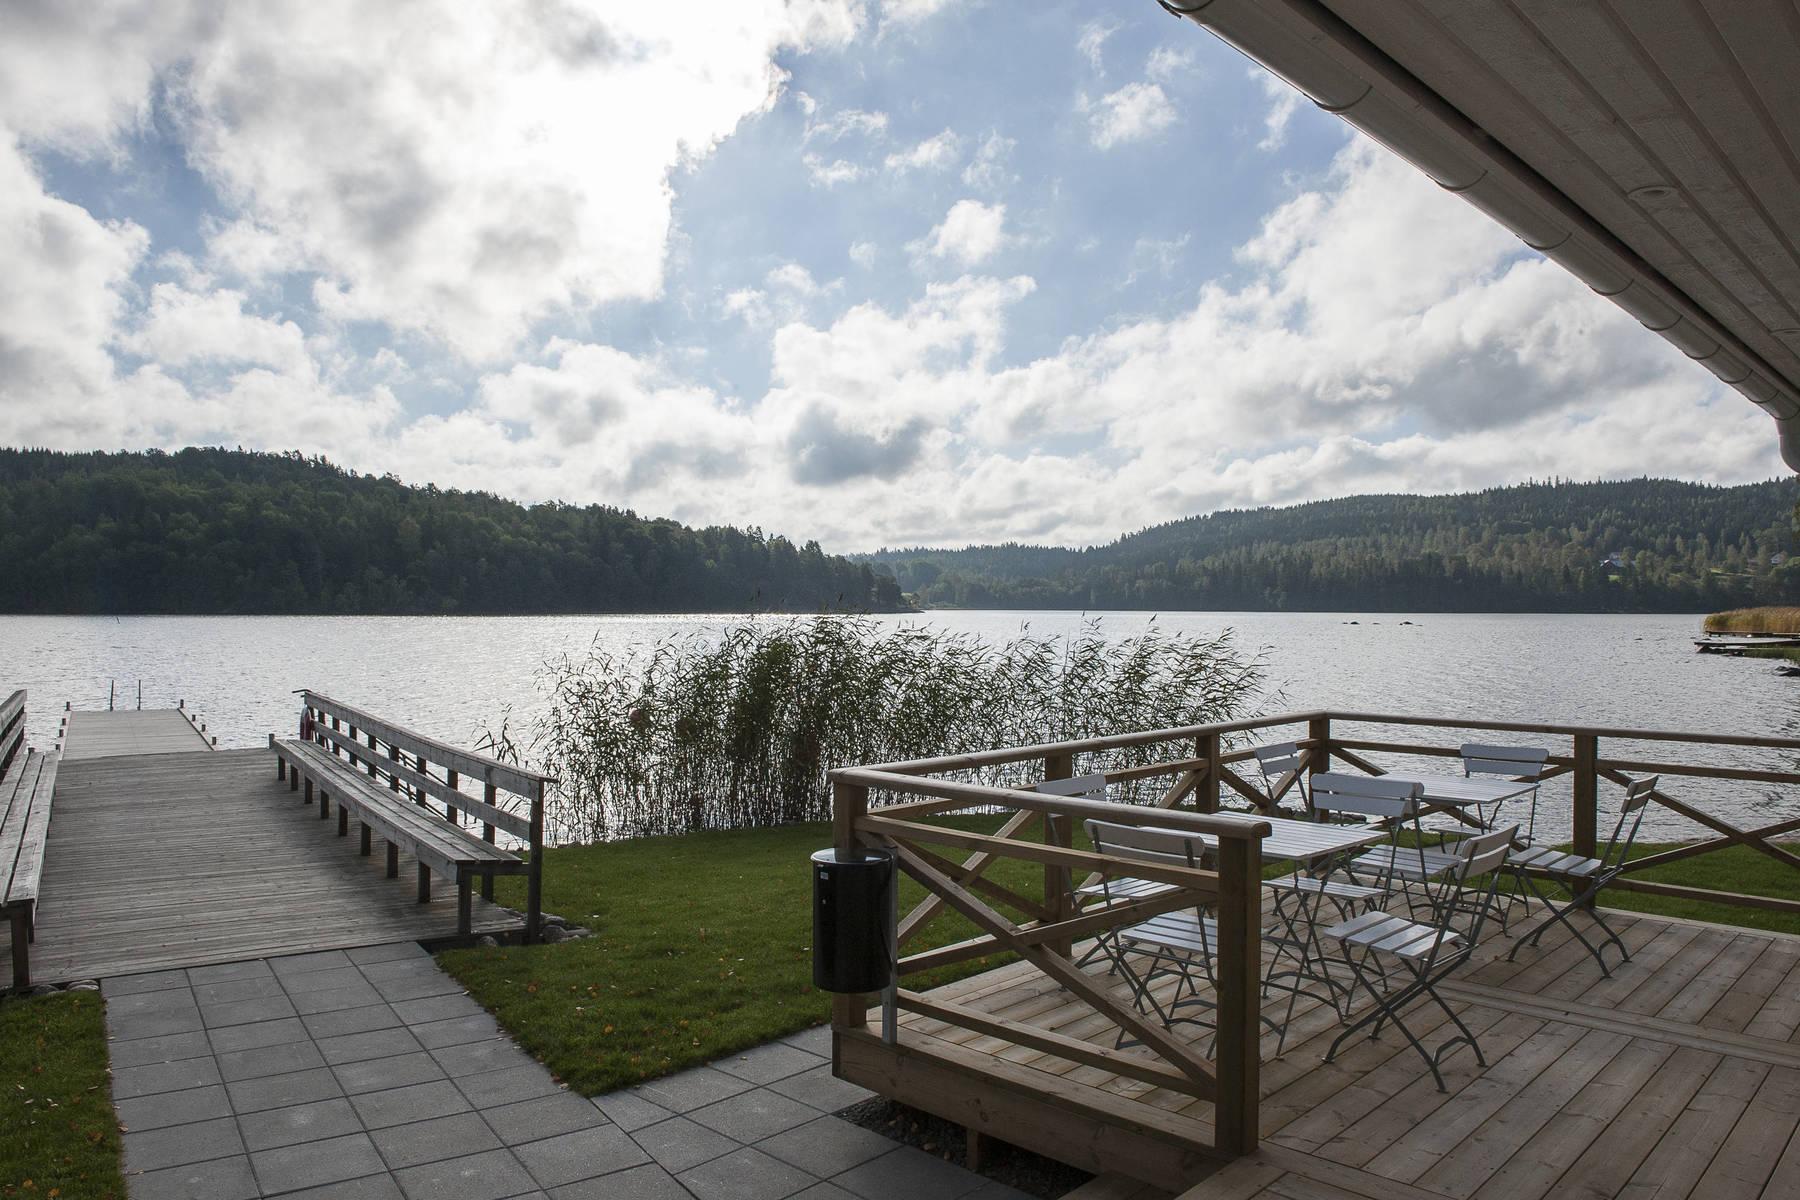 Der See Bunn vom Anleger des Hotels Bauergården aus